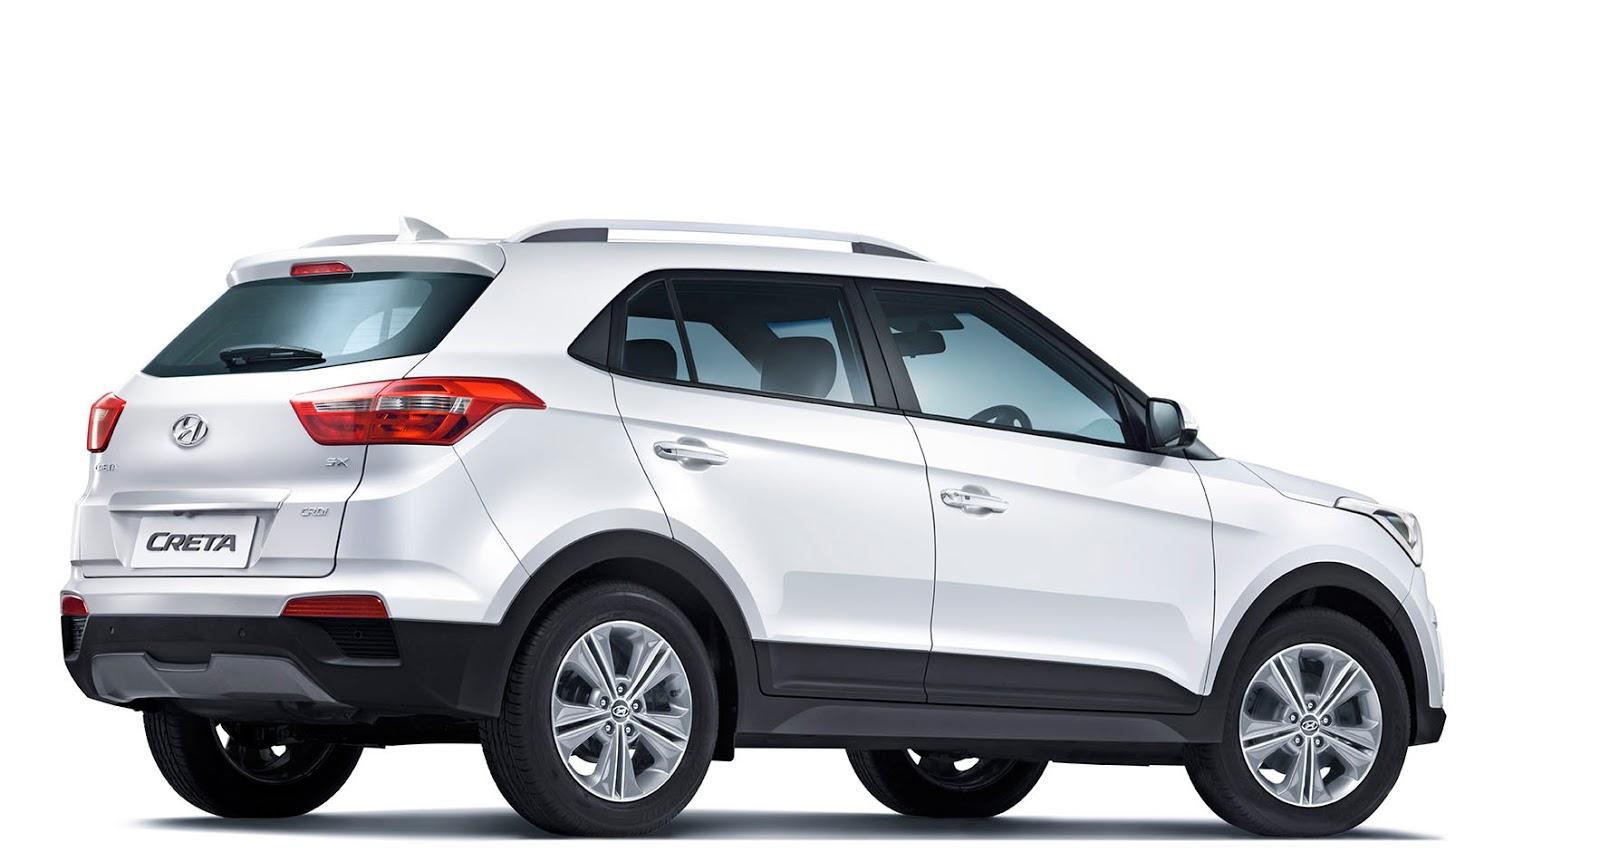 Hyundai Creta Tertangkap Kamera di Jalanan Indonesia, Segera Meluncur Tahun Ini